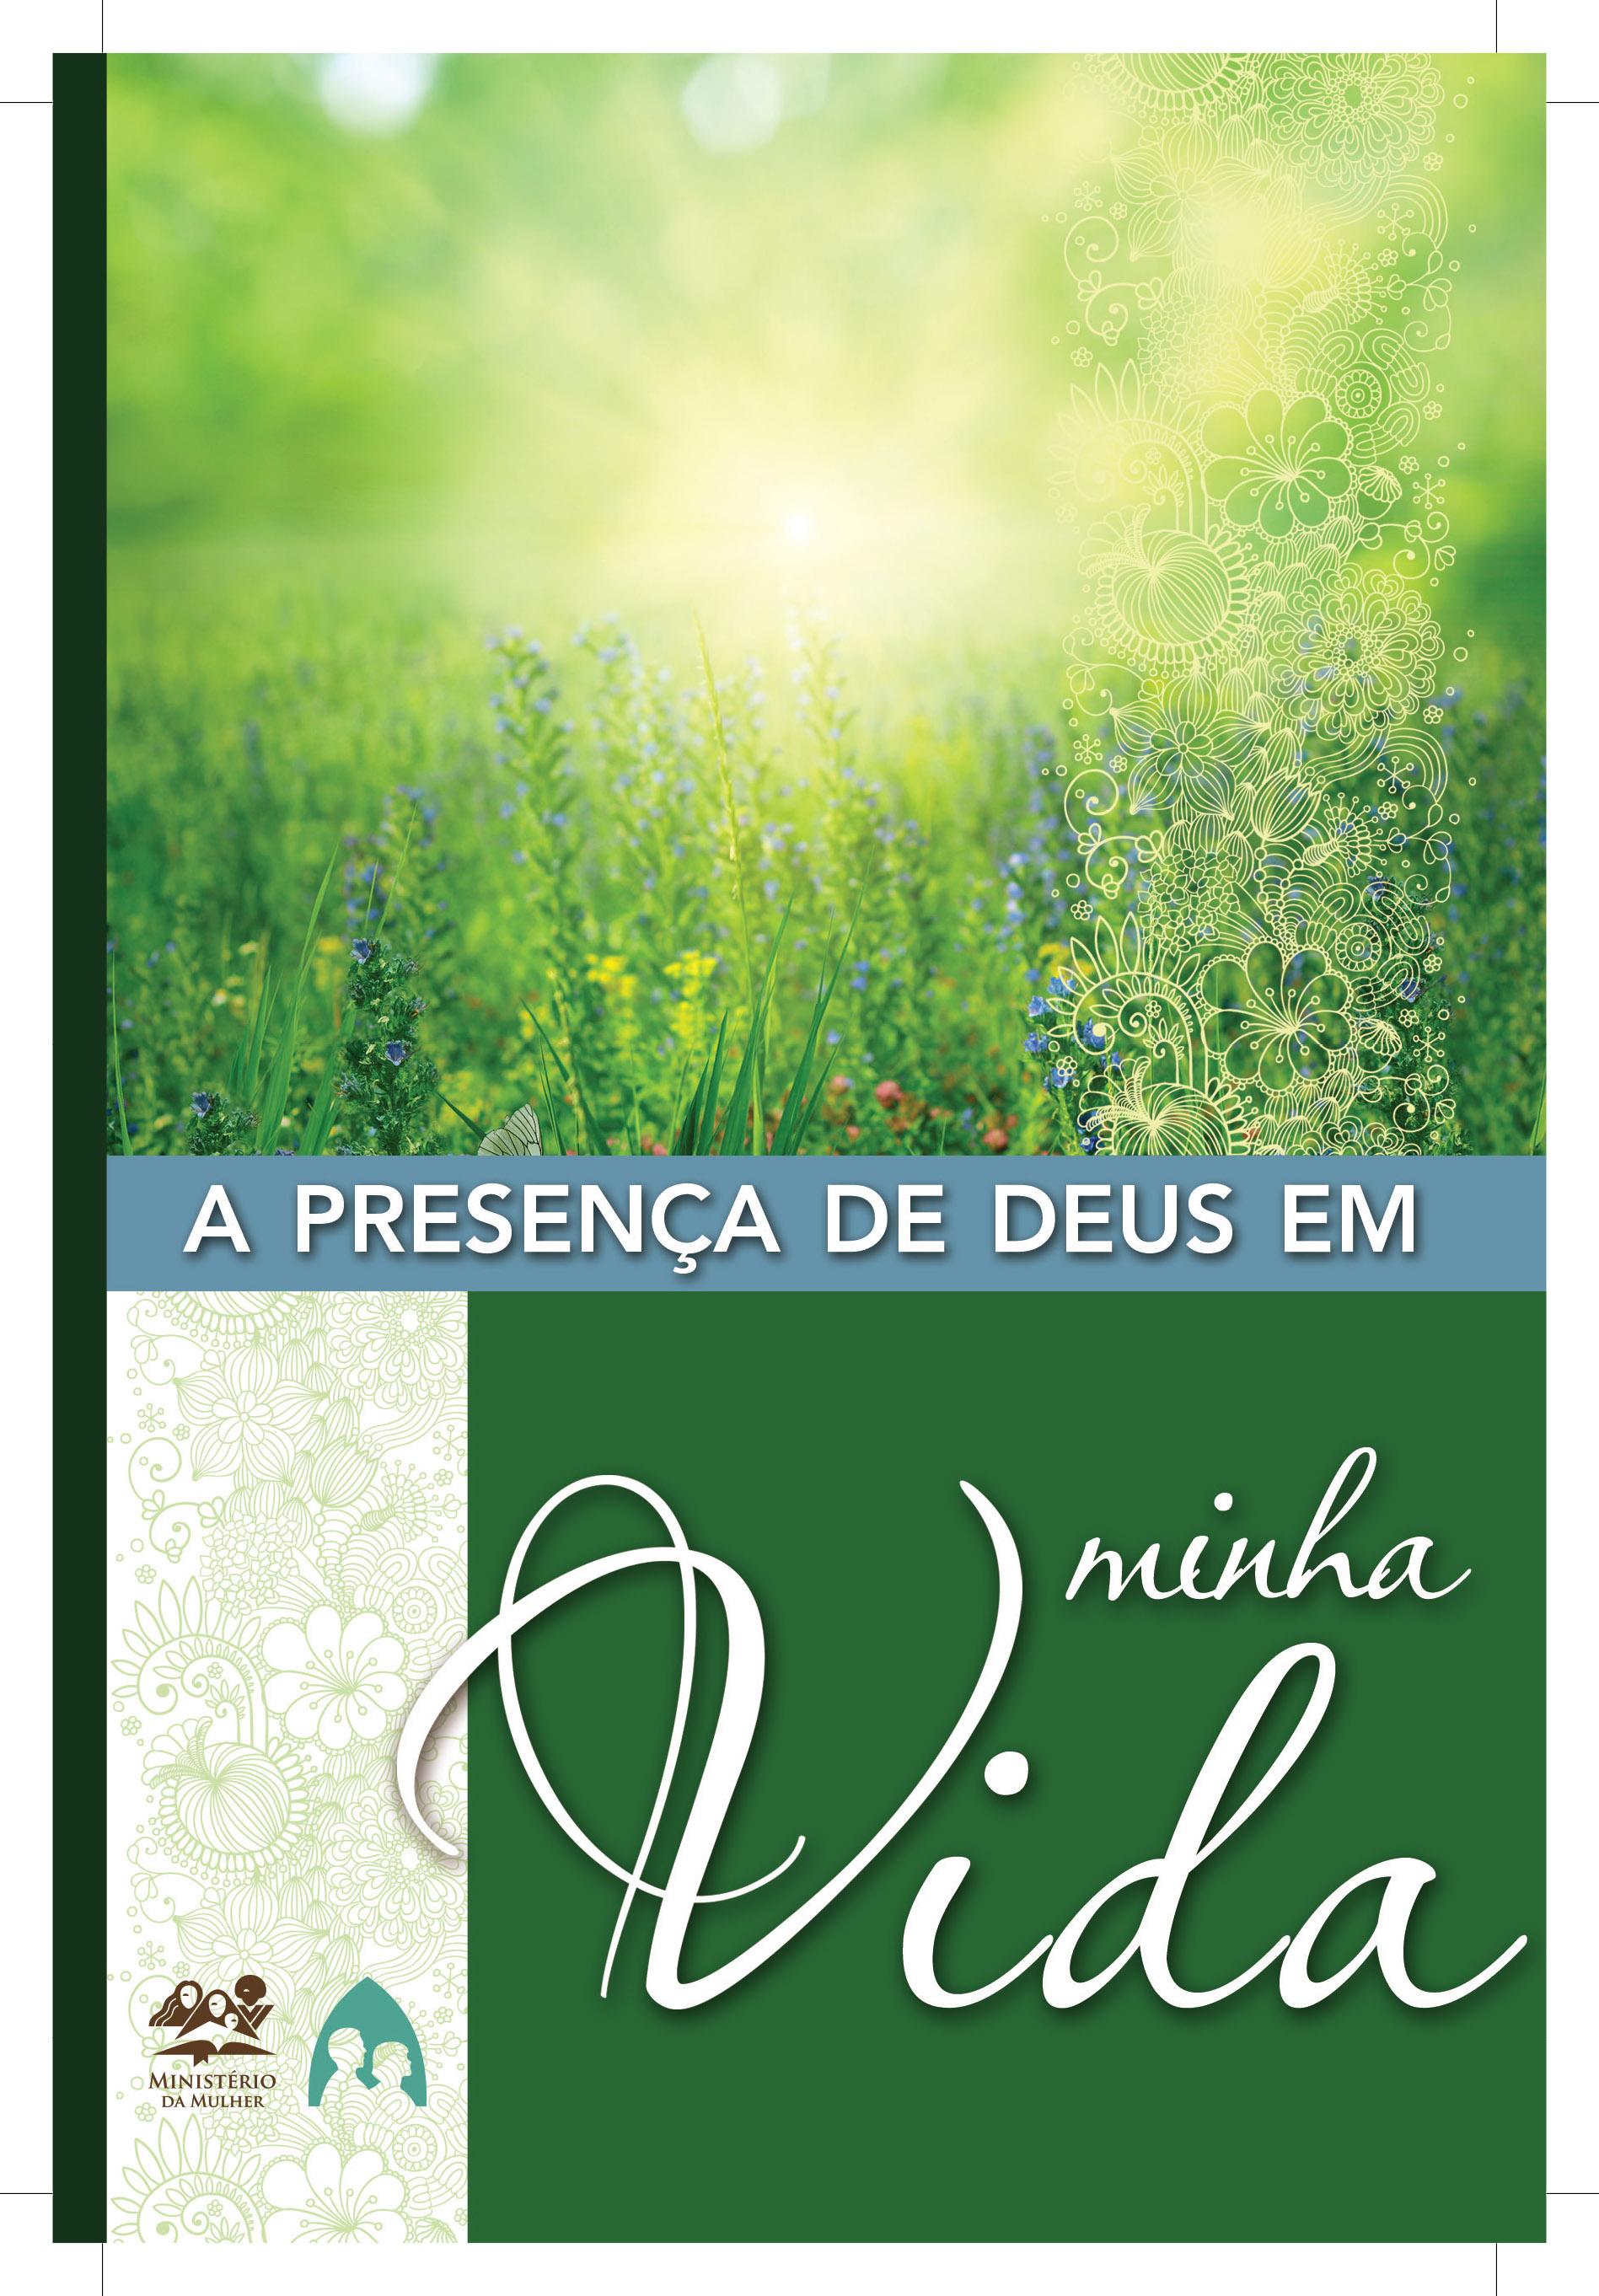 Guia: A presença de Deus em minha vida – 2013